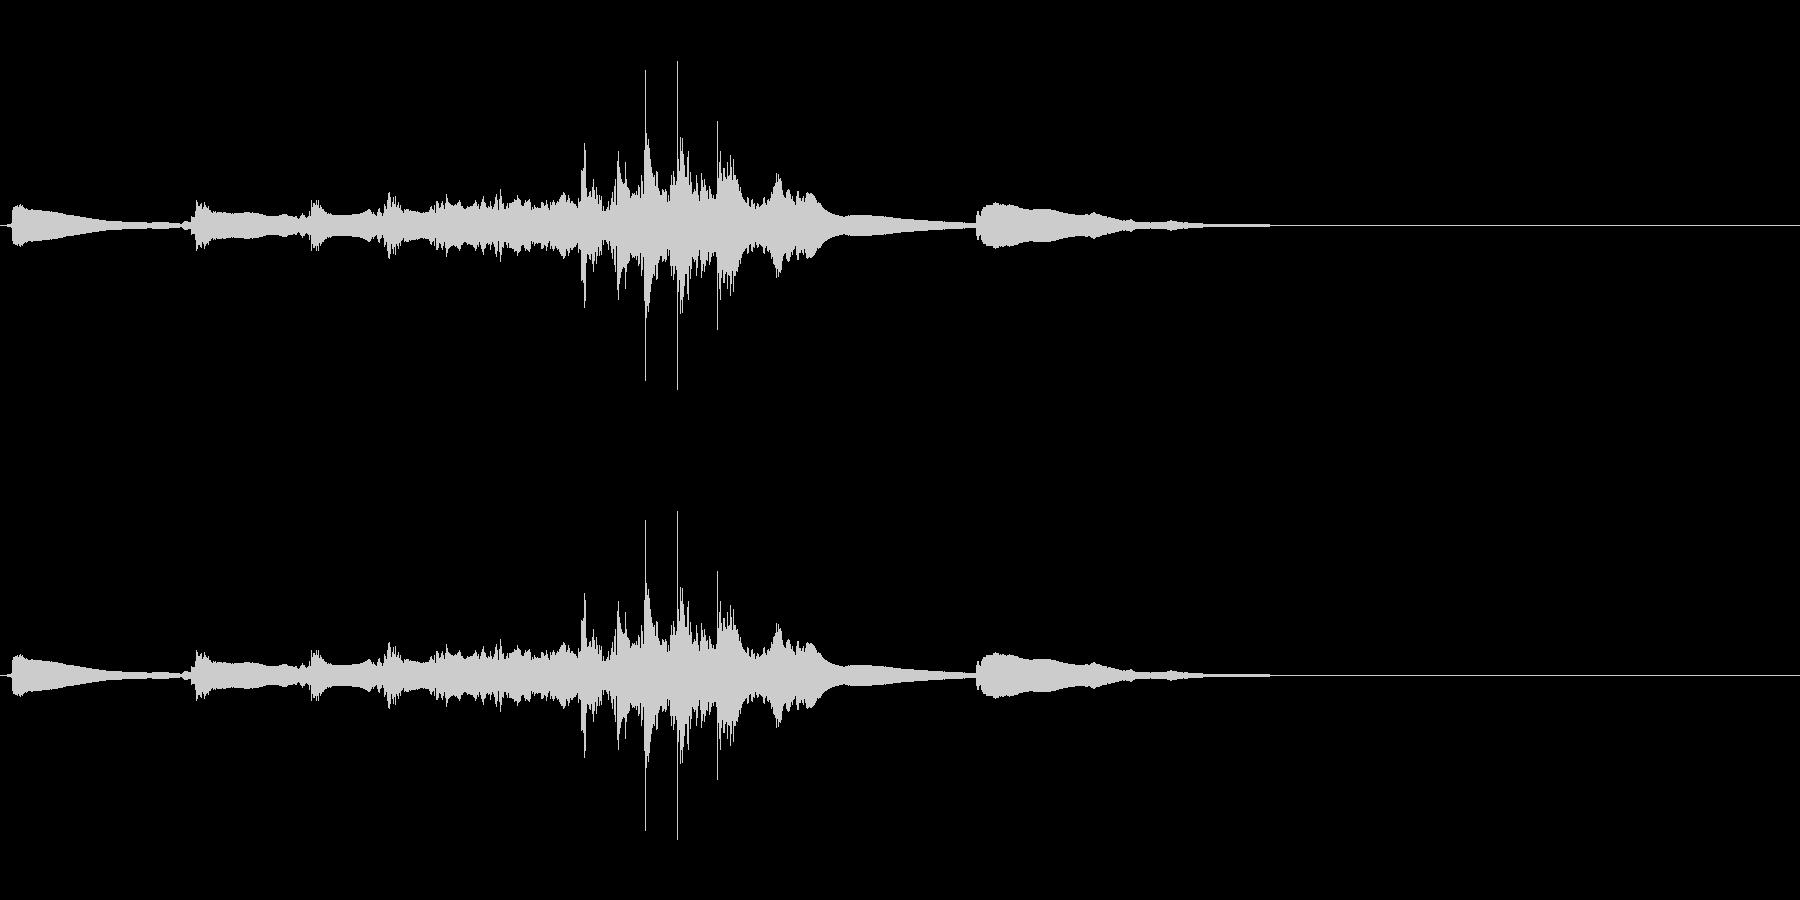 生演奏 琵琶 和風 古典風#7の未再生の波形